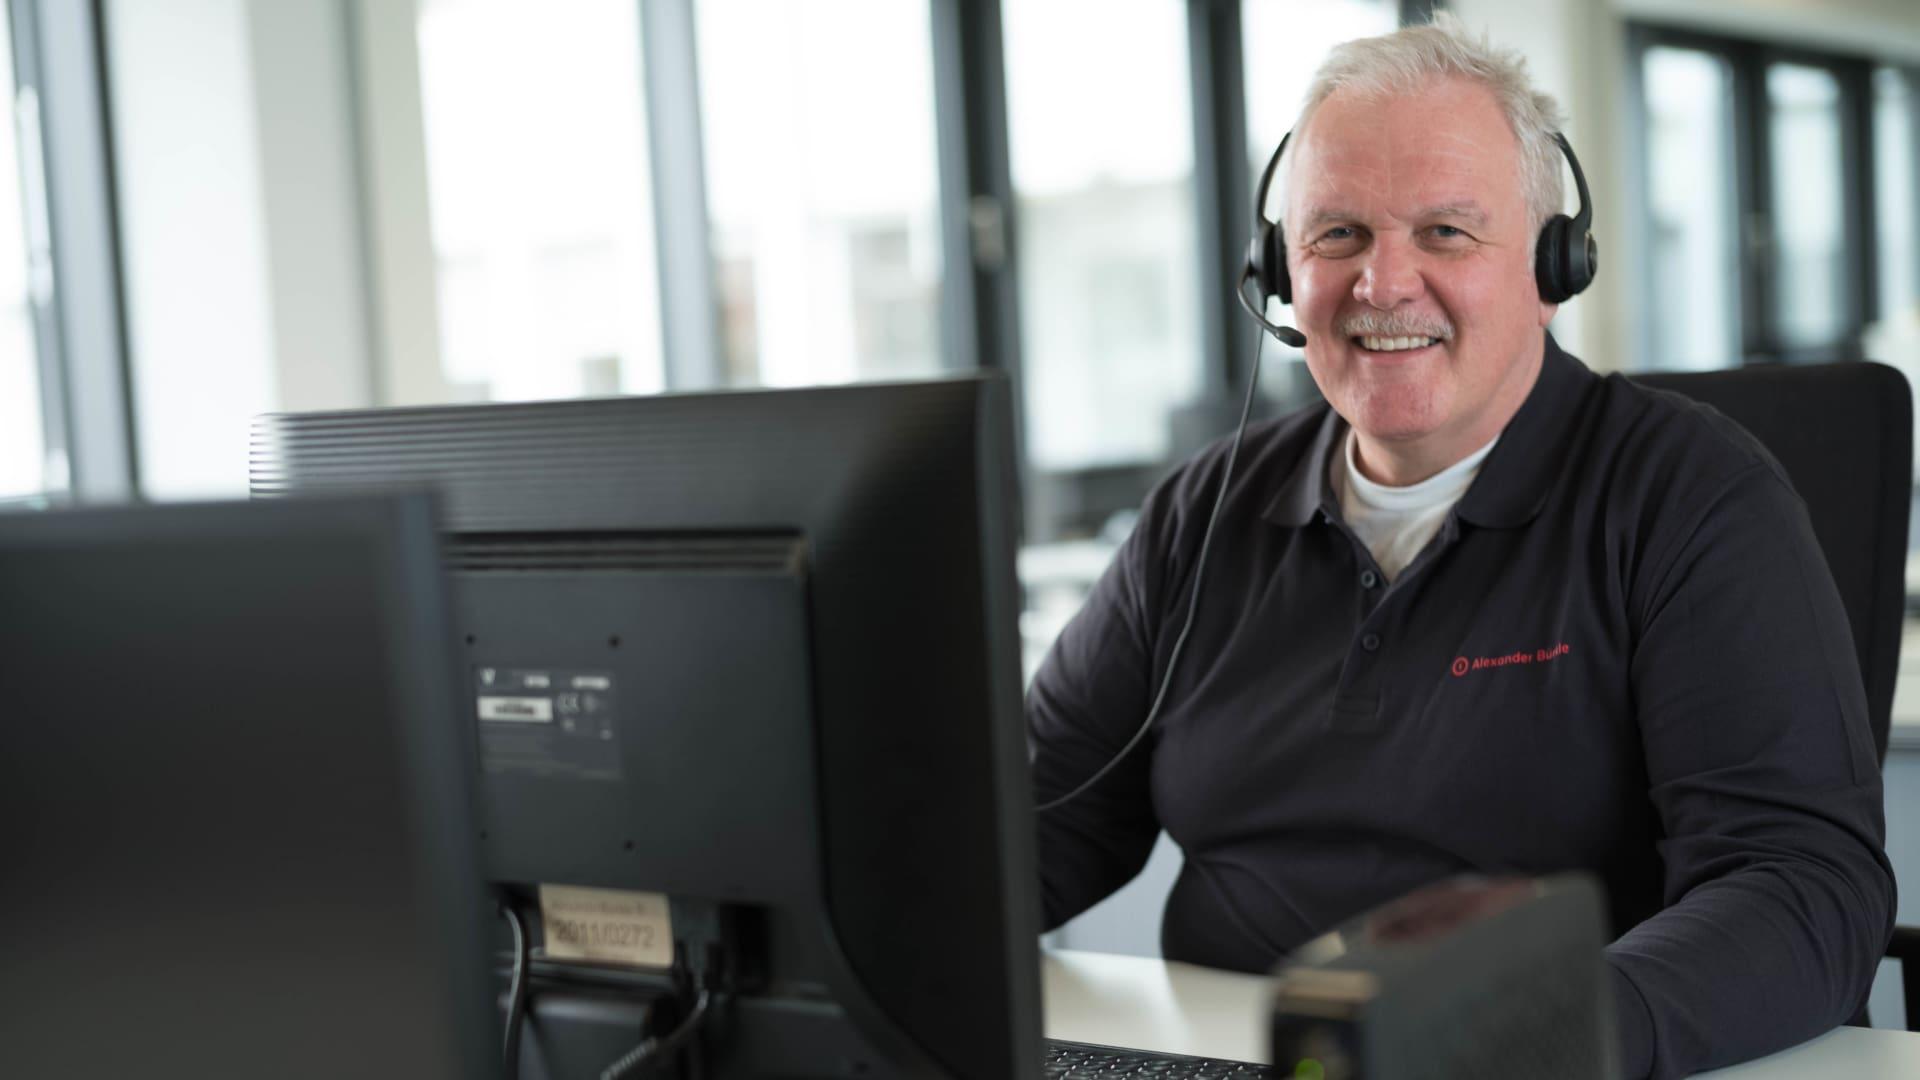 Mann mit Headset sitzt am PC